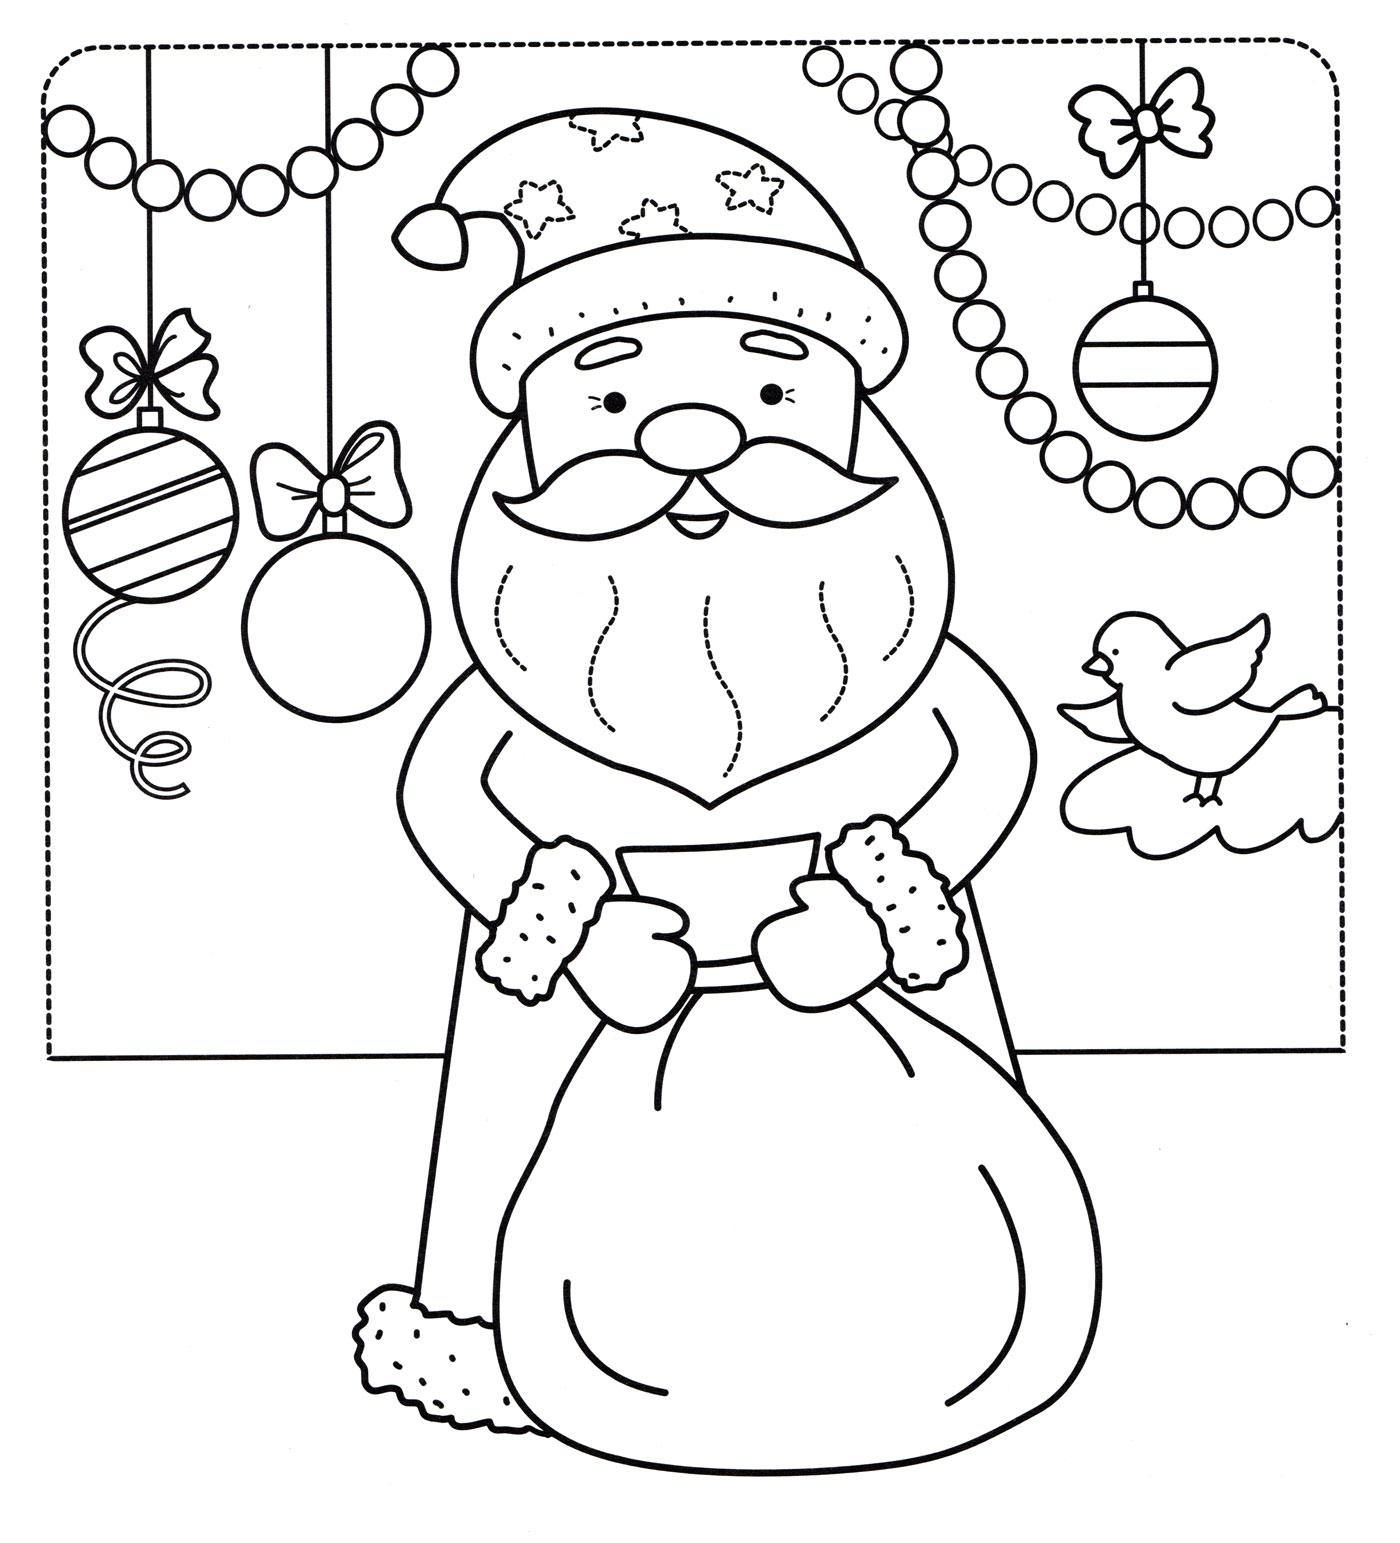 необходимо рисунок на открытку дедушке морозу виртуальном